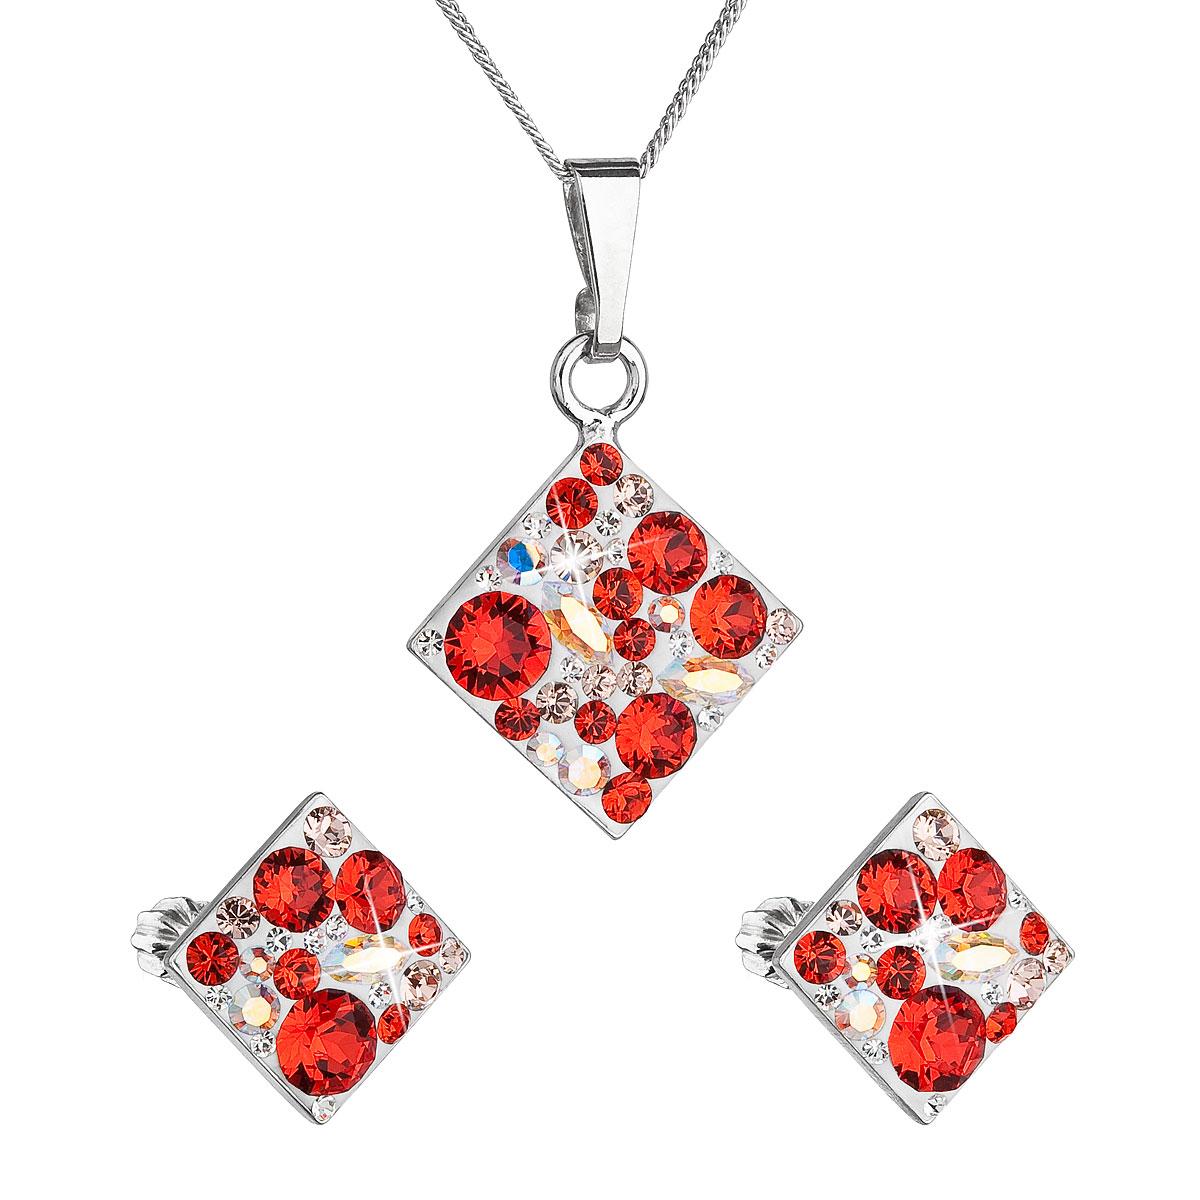 Sada šperkov s krištáľmi Swarovski náušnice, retiazka a prívesok červený kosoštvorec 39126.3